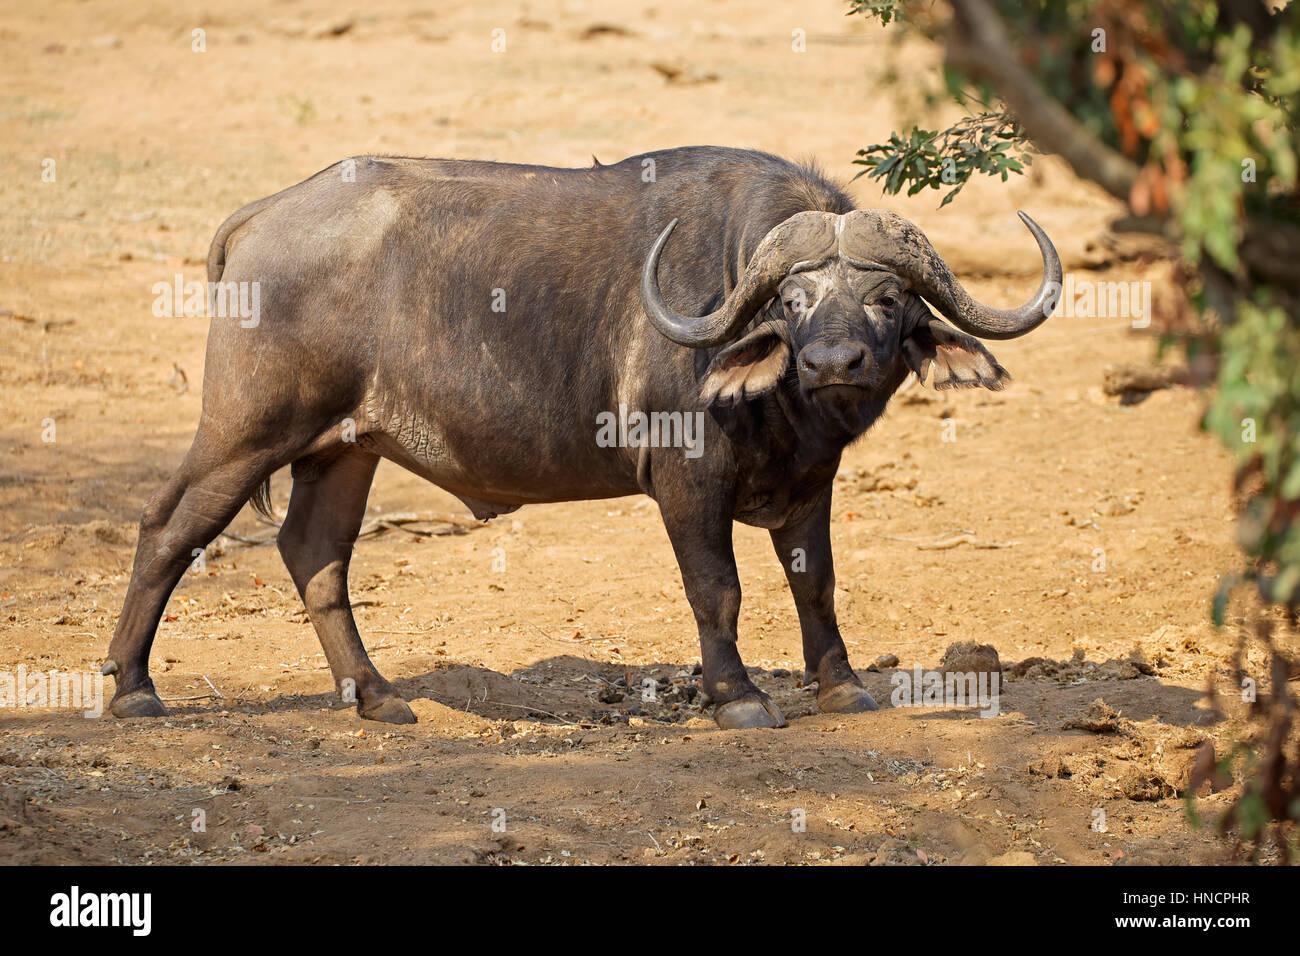 El búfalo africano (Syncerus caffer) en su hábitat natural, el Parque Nacional Kruger, Sudáfrica Imagen De Stock